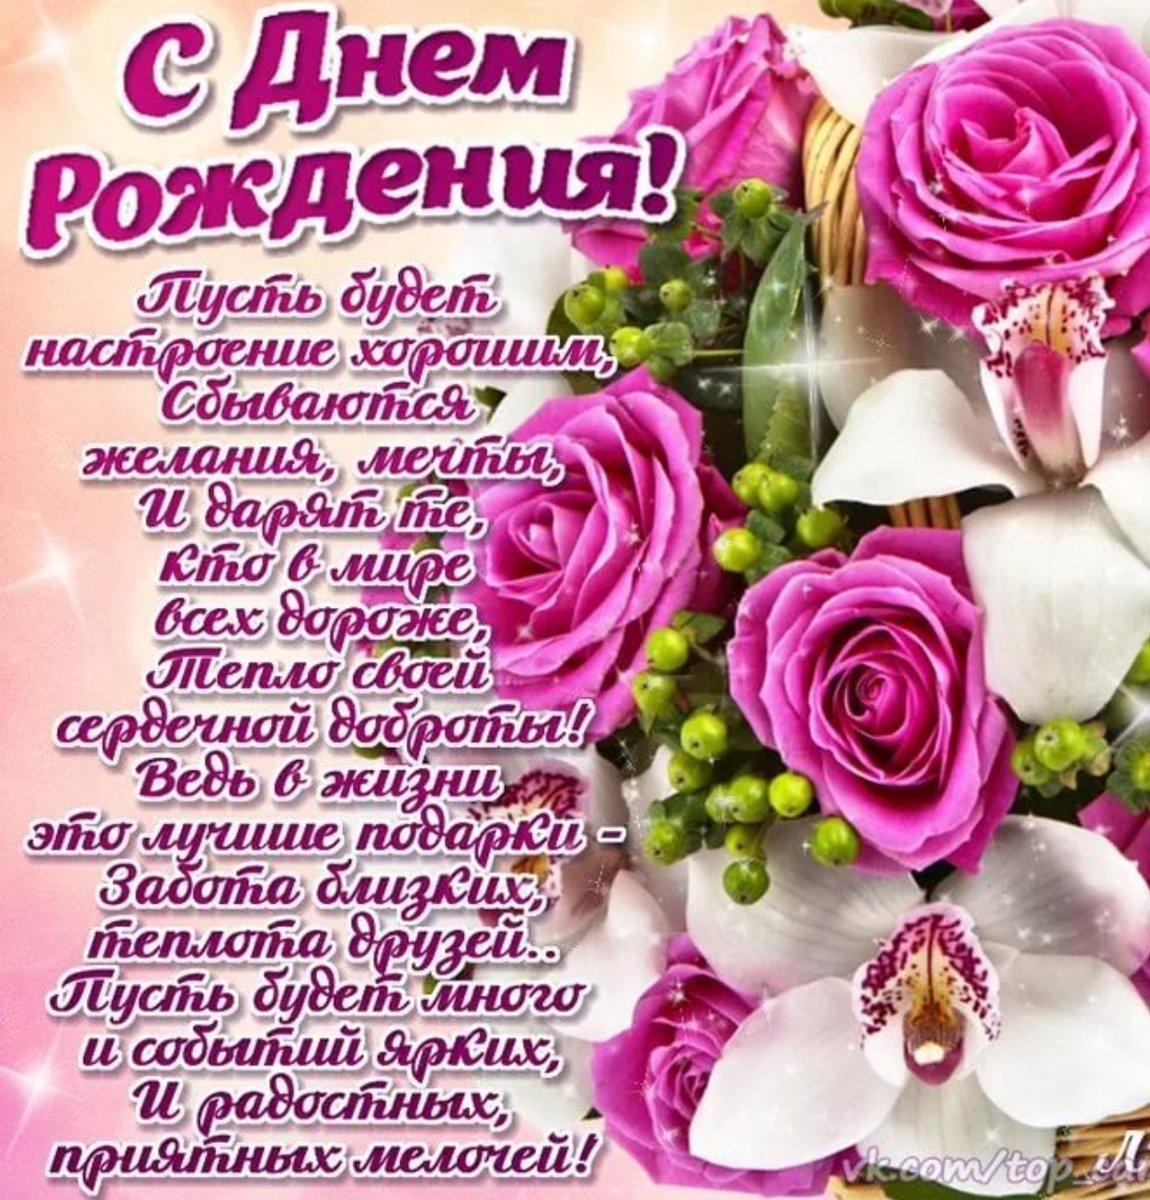 Читать поздравления с днём рождения